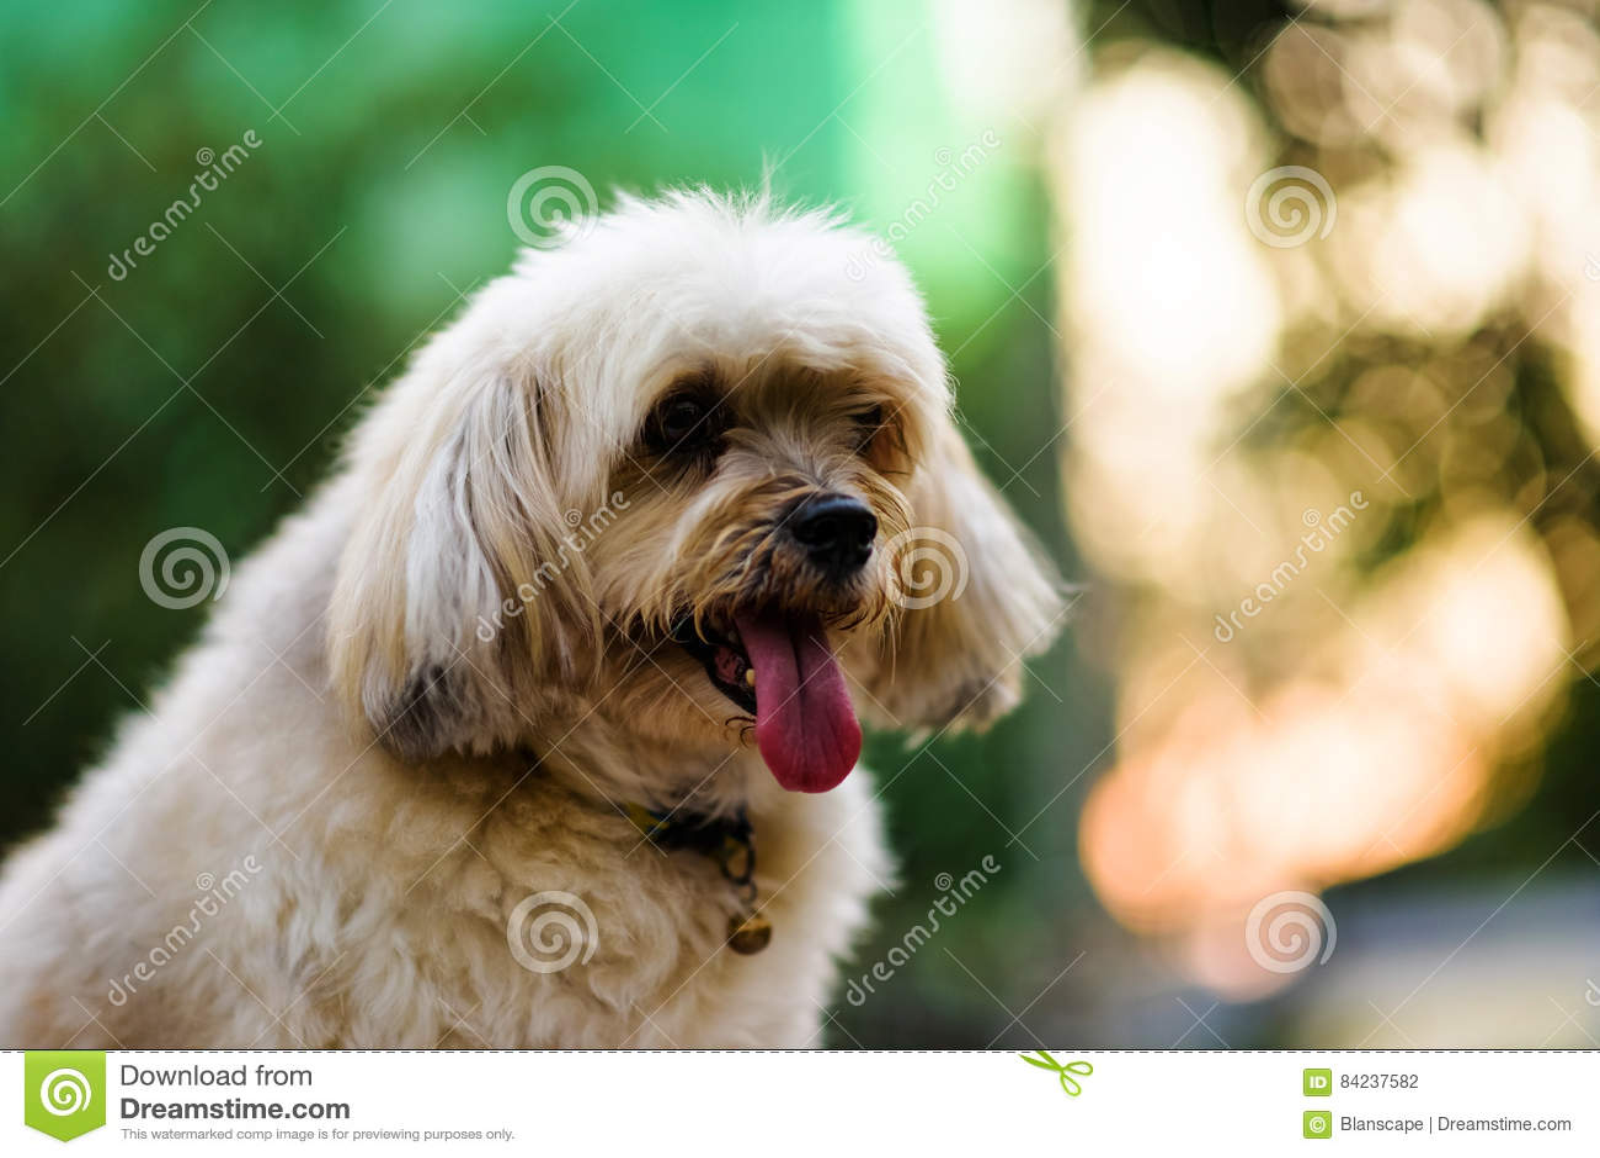 Shih Tzu Dog with bokeh